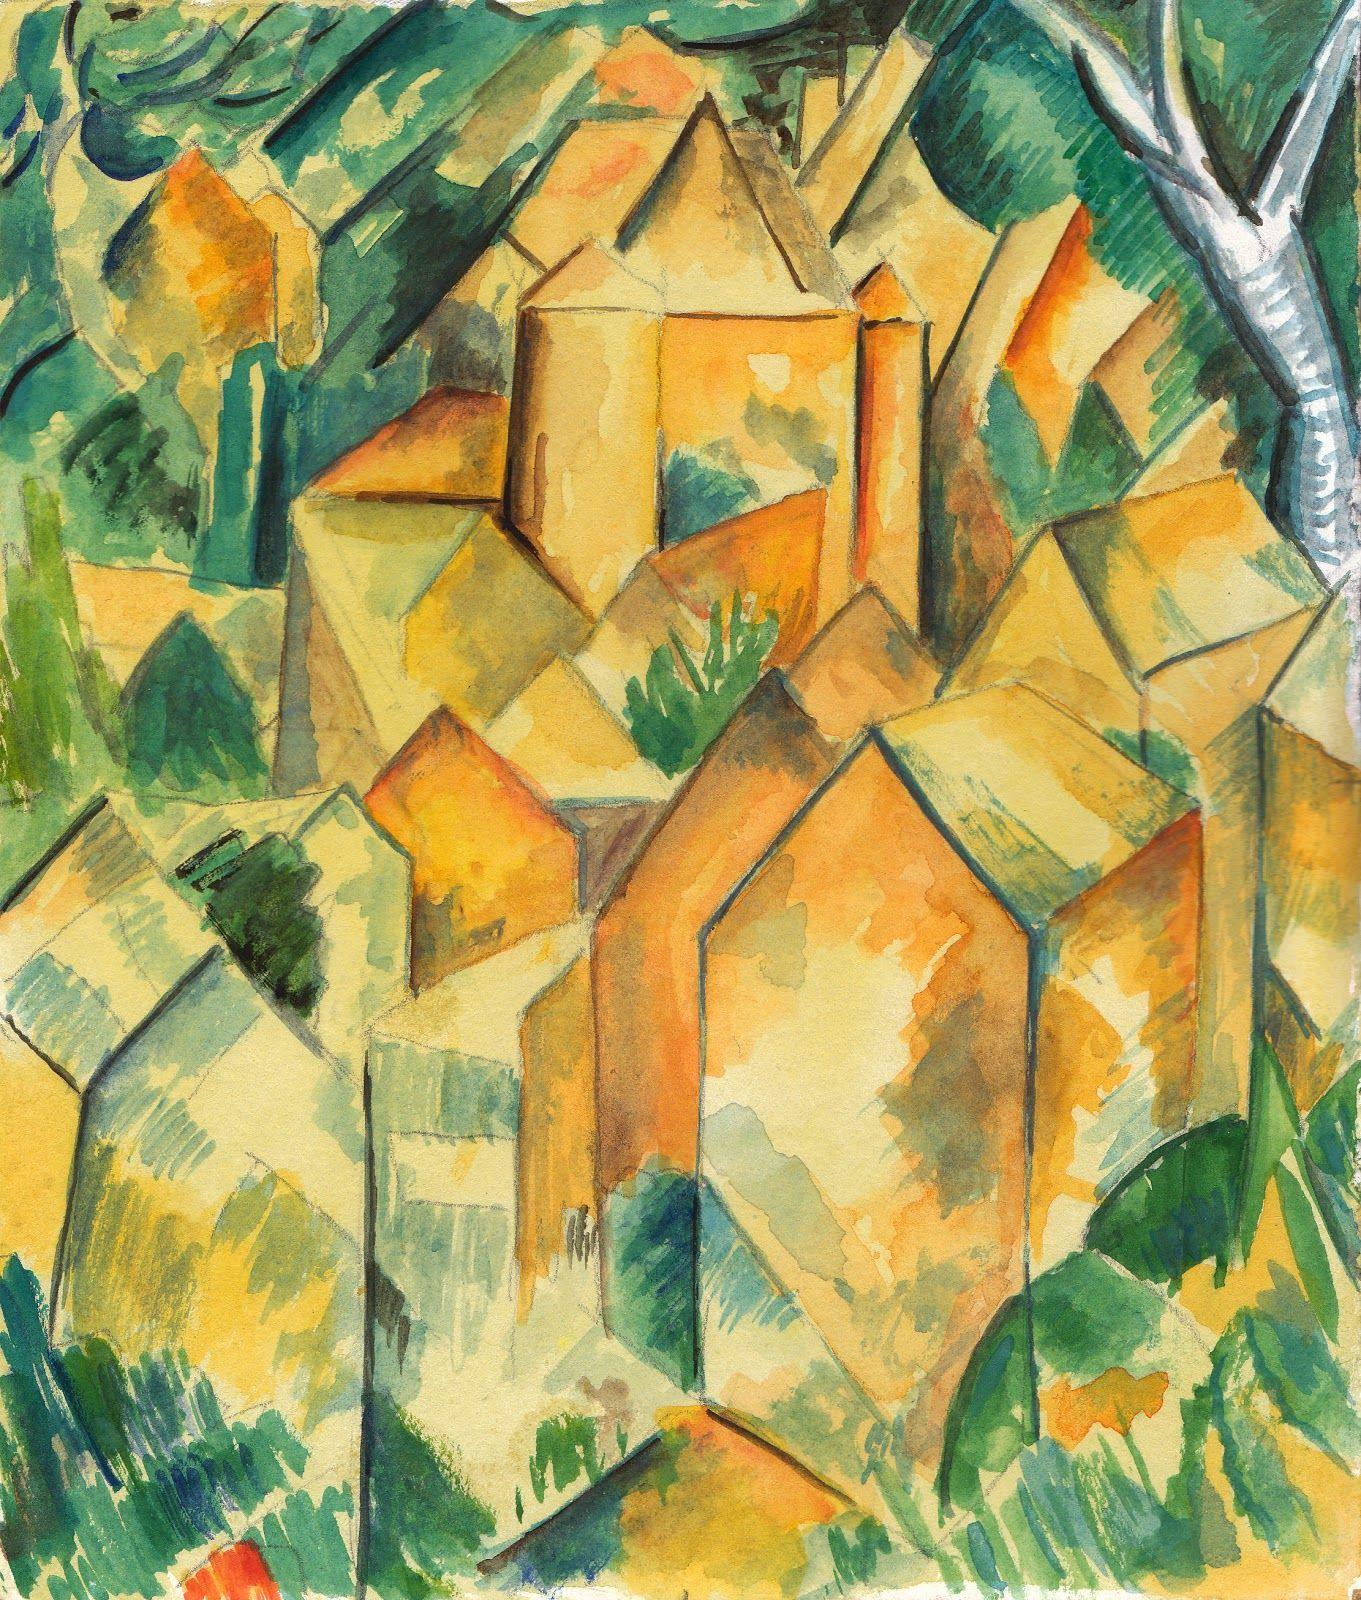 Paul Cezanne Cubism Paintings | Cezanne Cubism | Paul ...